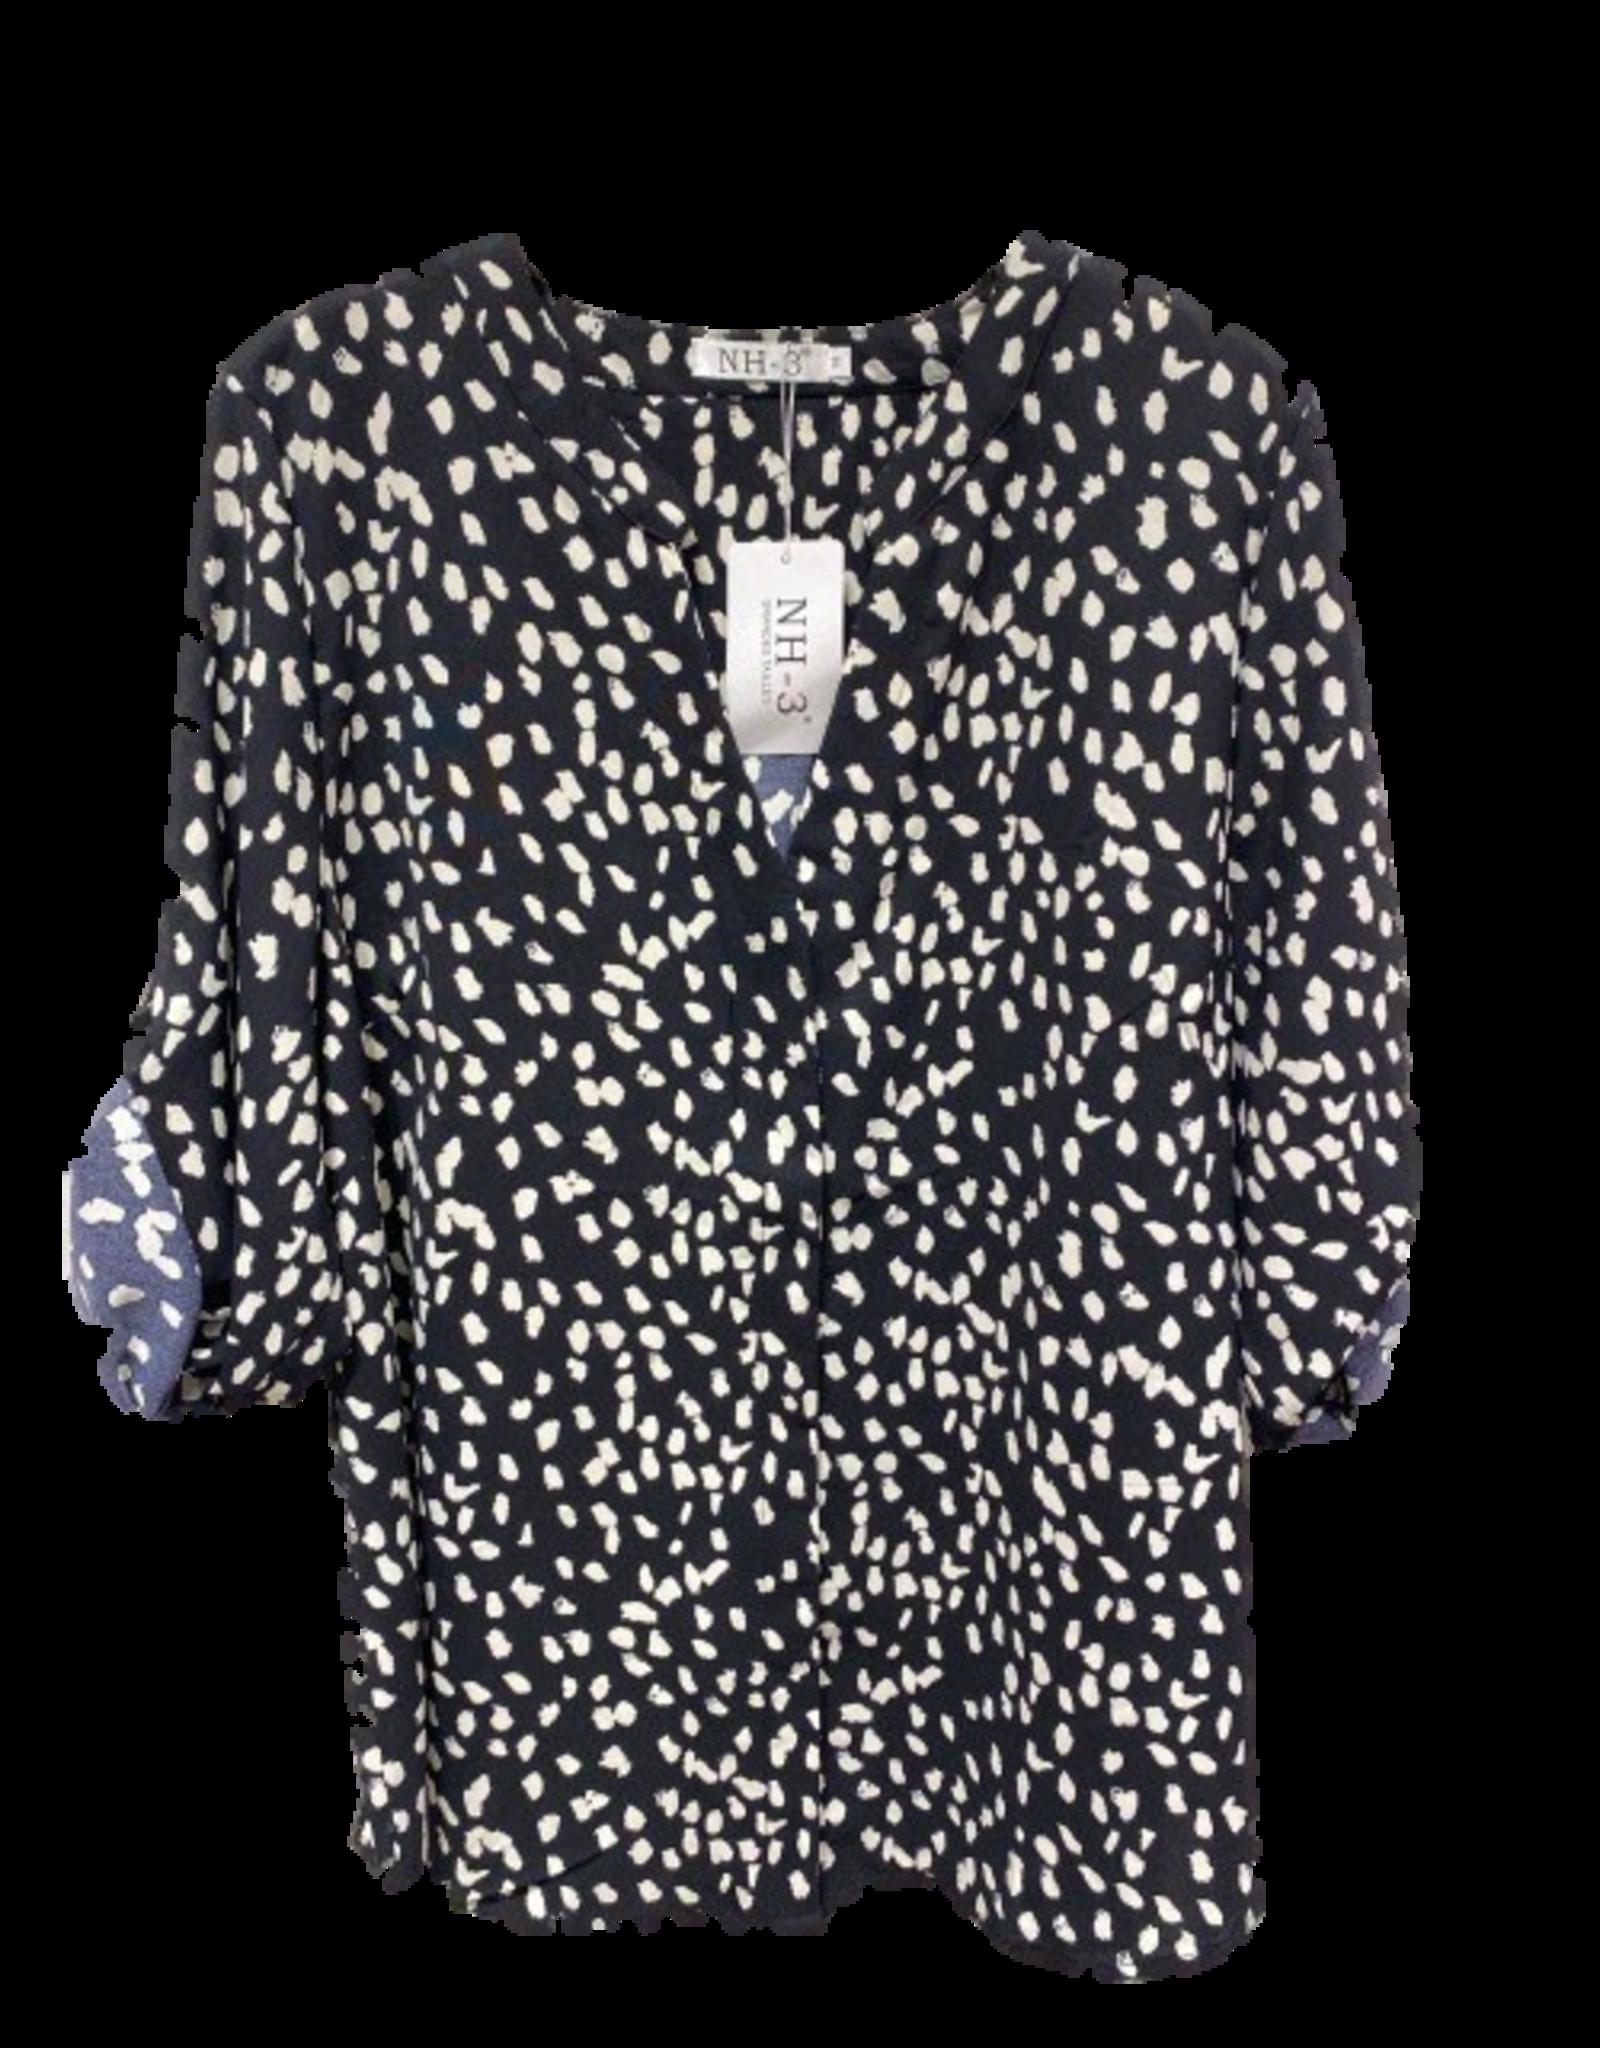 EMB Chemisier noir léopard